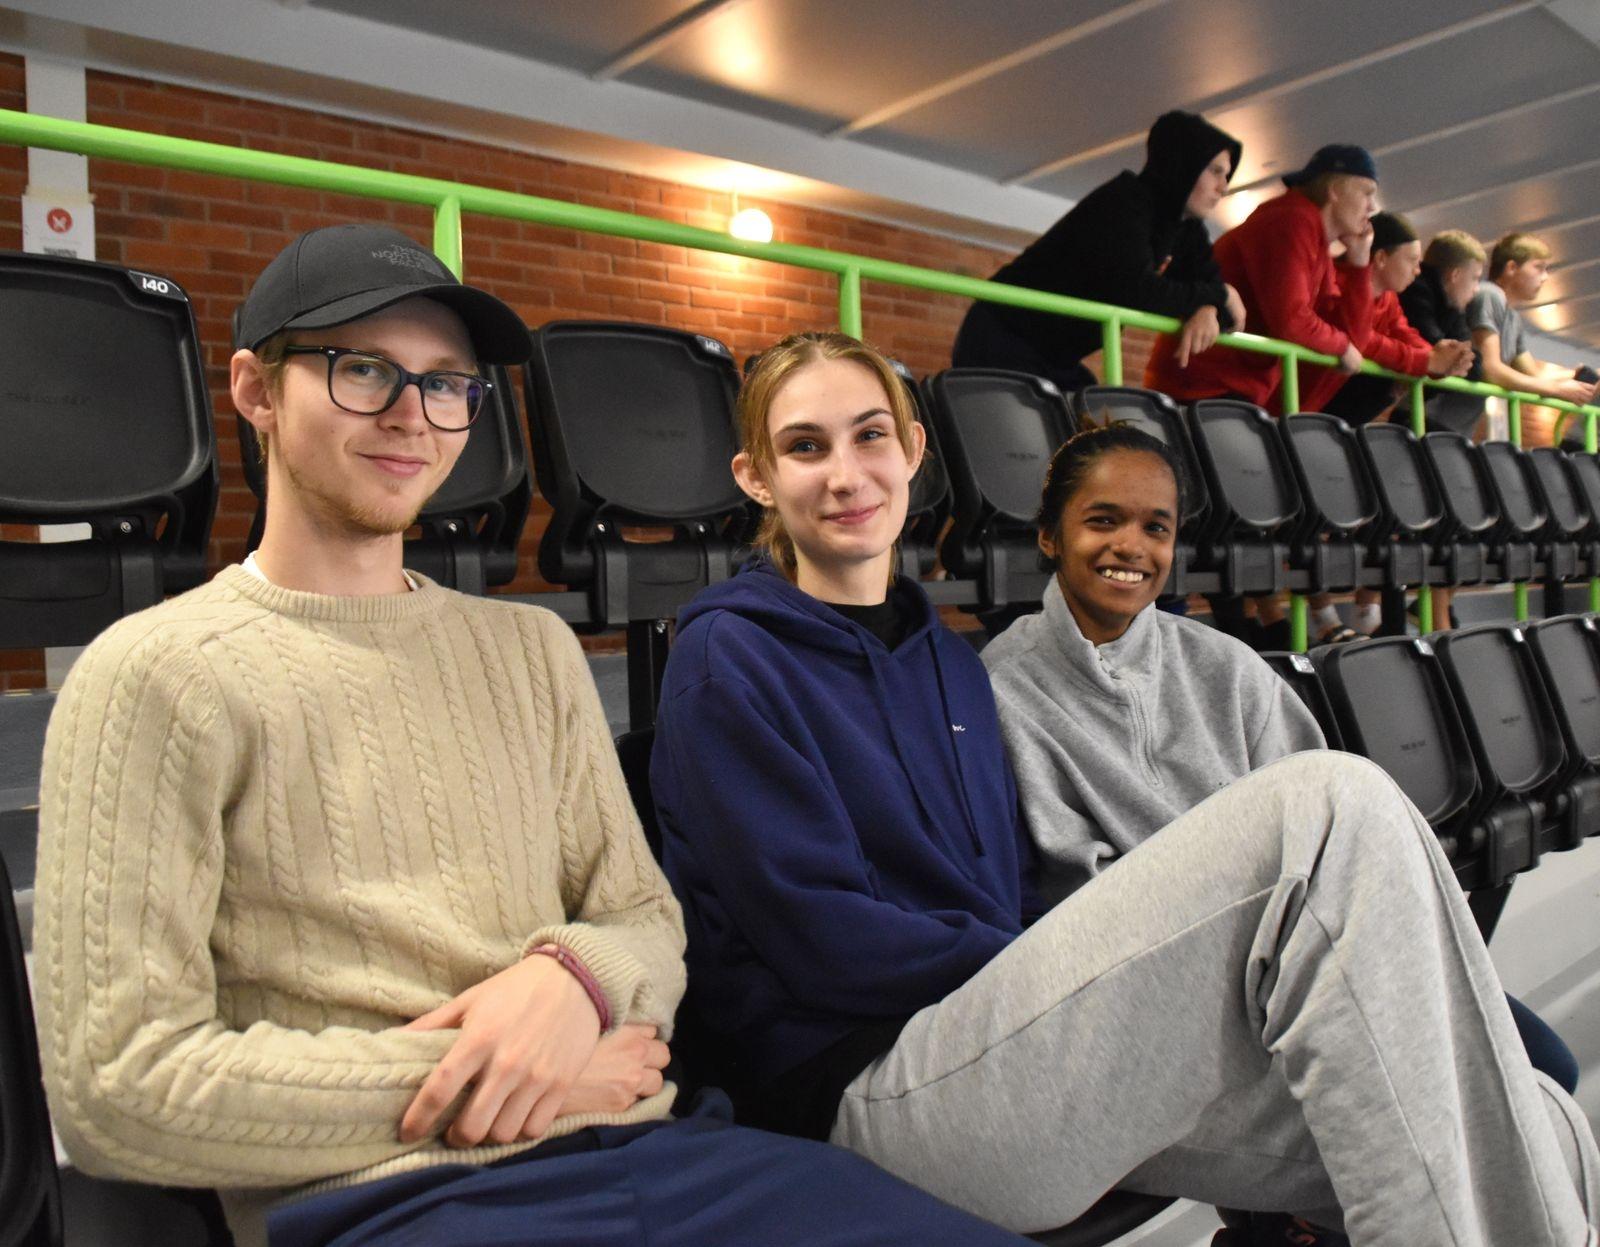 När de inte själva tävlade satt Rasmus Nyström, Lili Kis och Ankita Poppen på läktaren och följde med spänning mästerskapet.